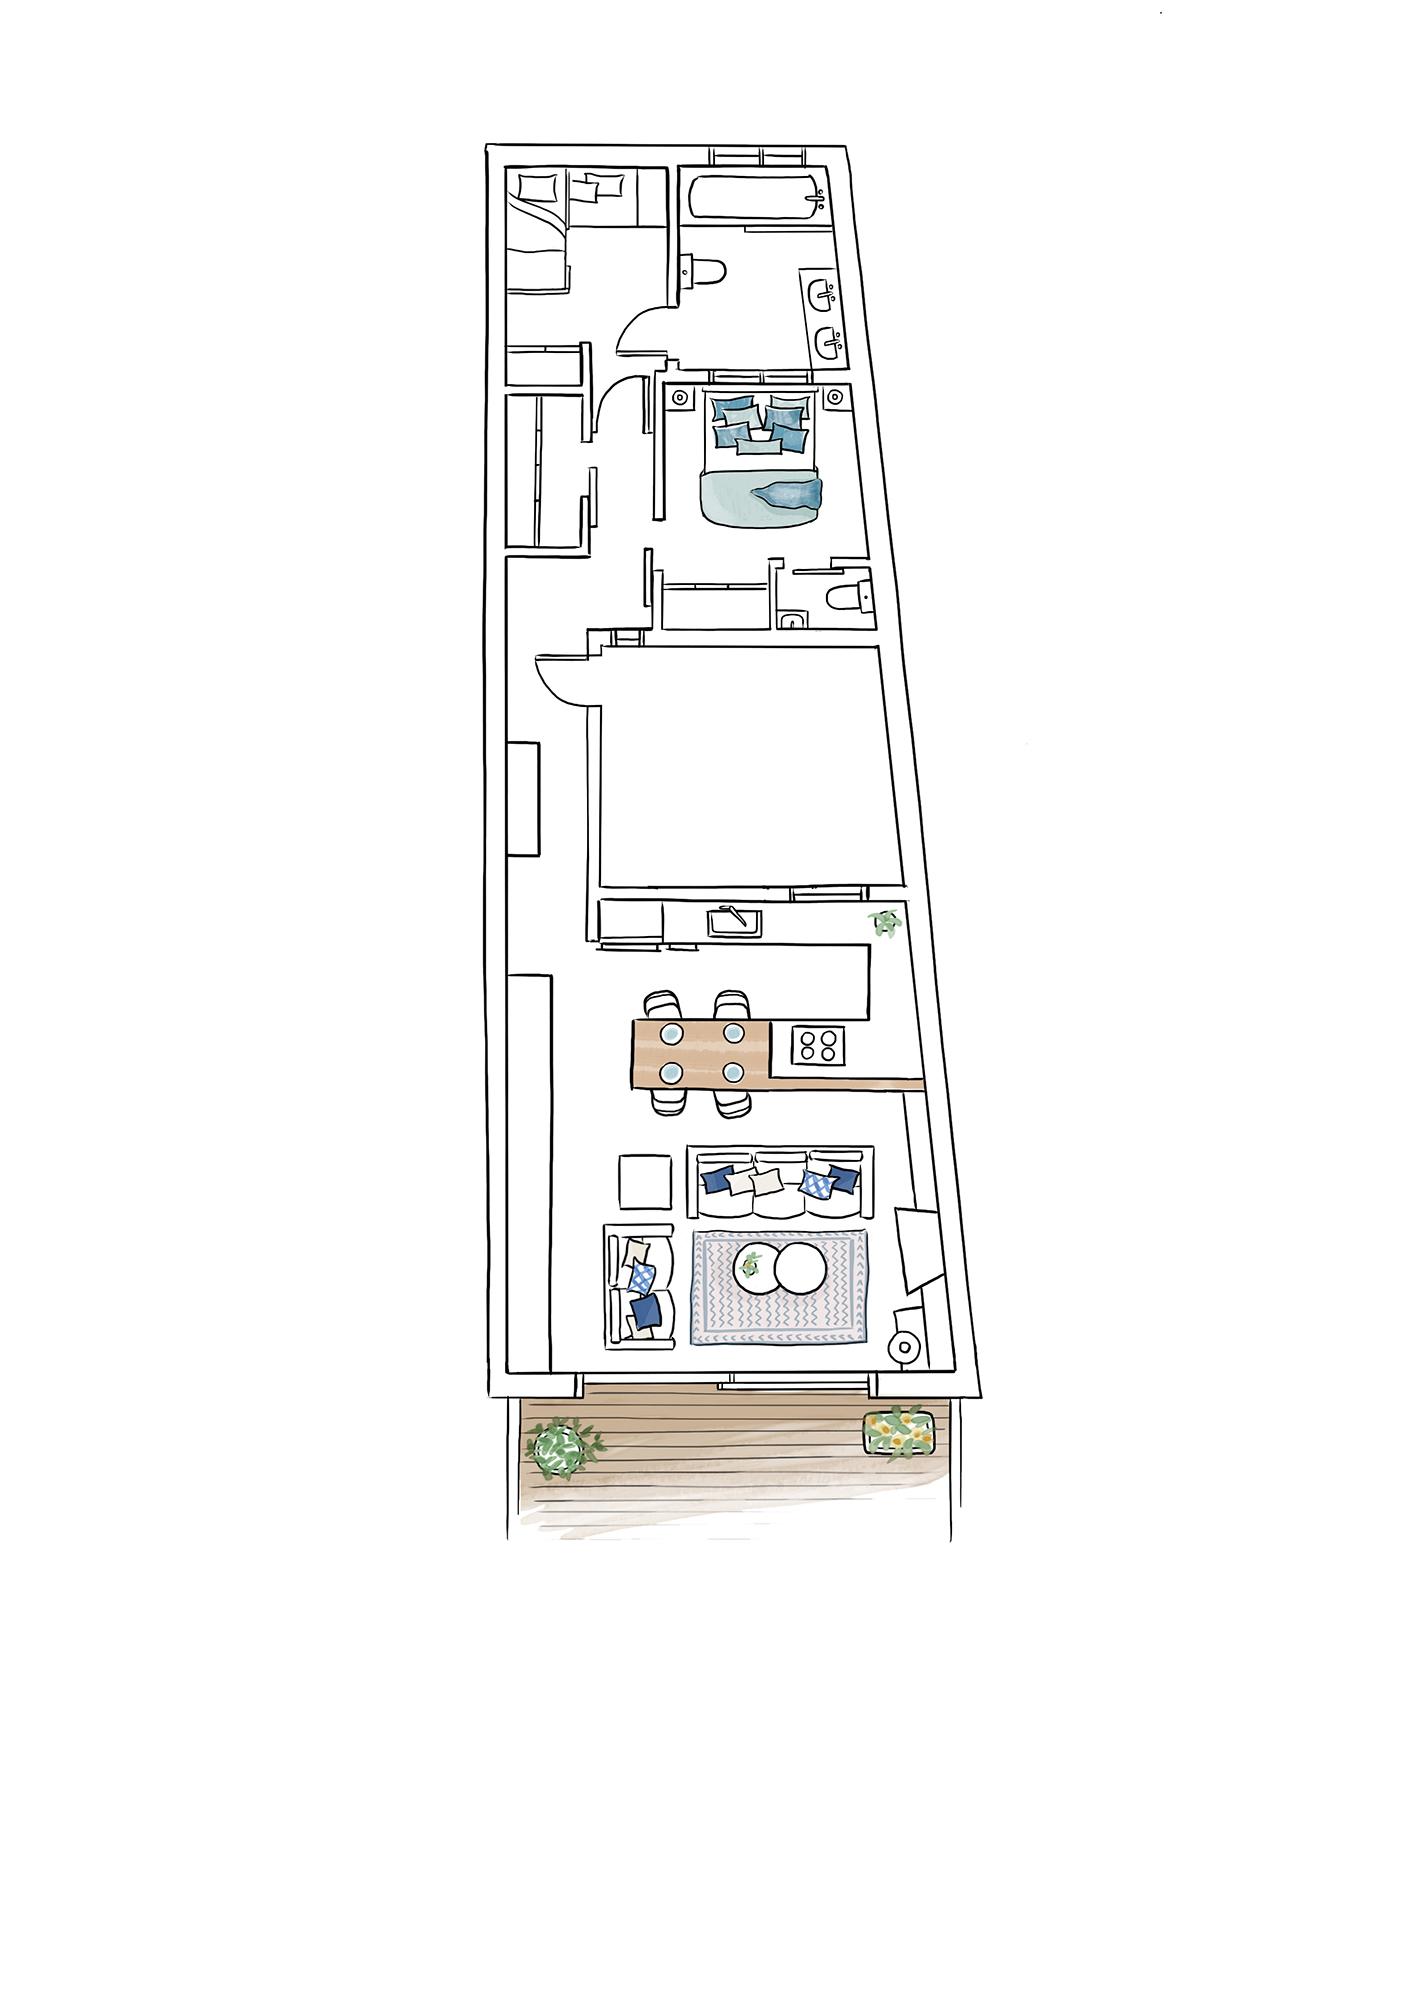 entrega plano begur copia-1. Plano de la casa con una distribución alargada y estrecha